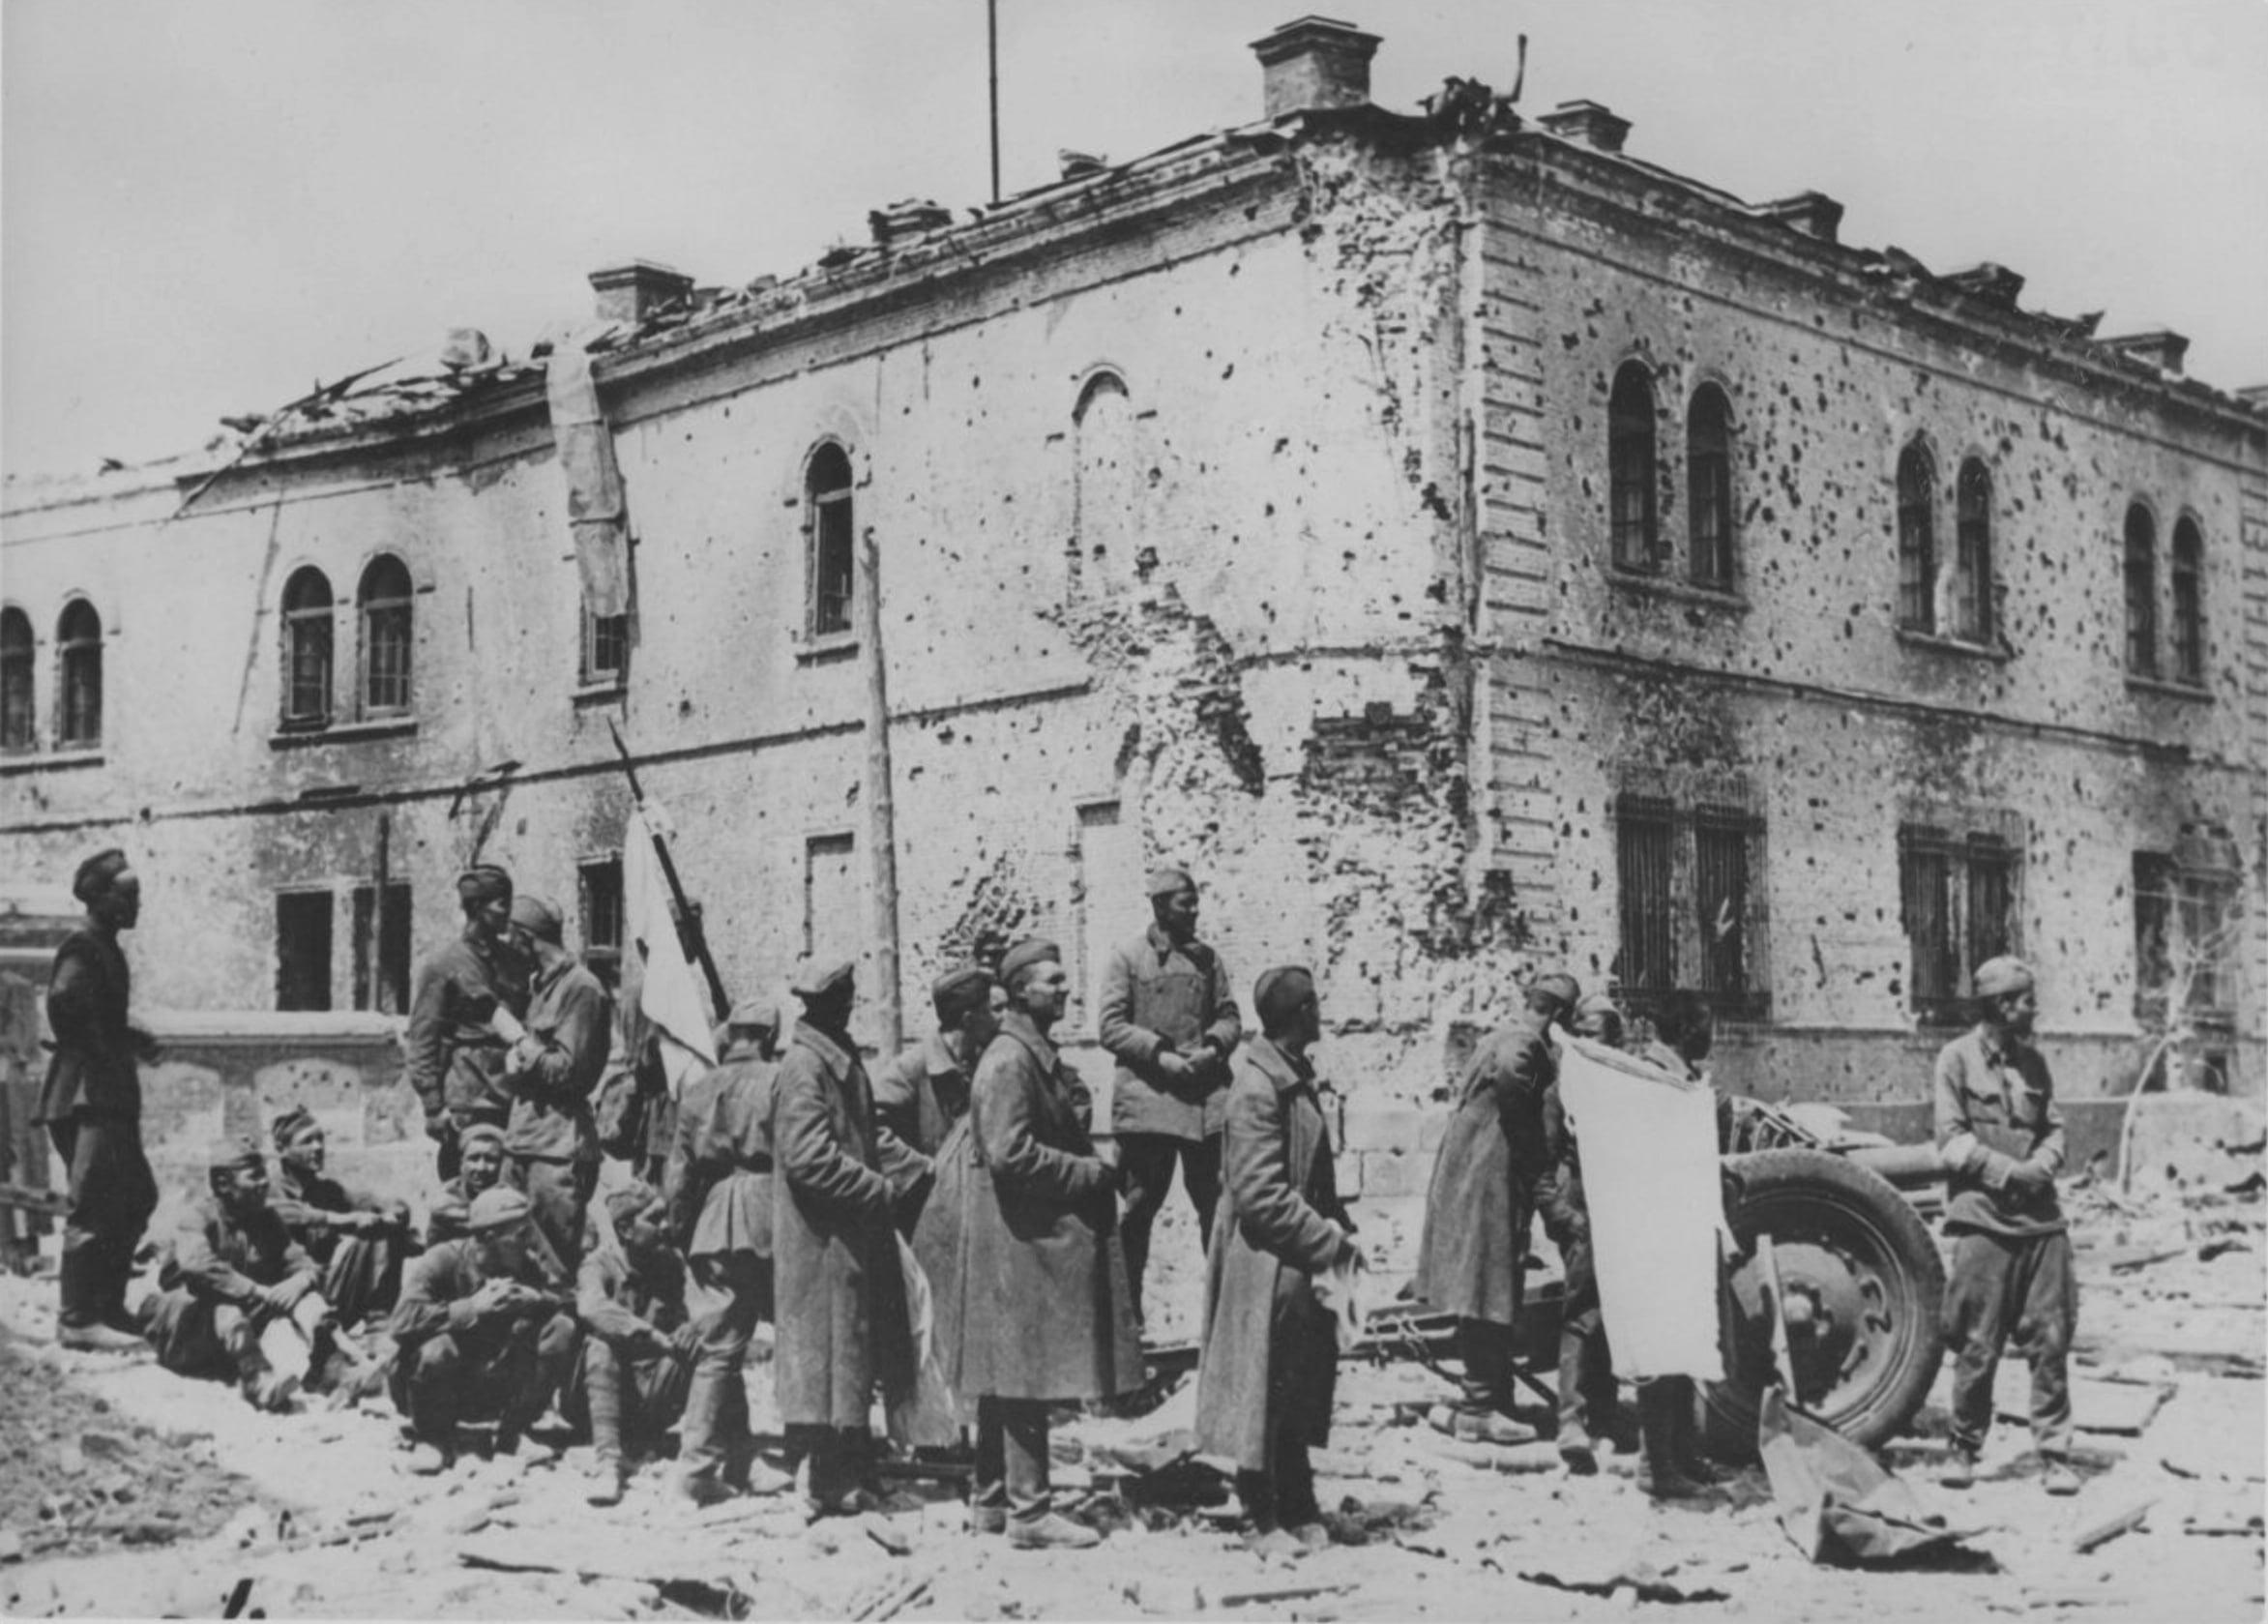 Большое количество пленных - свидетельство июня 1941 года в районе Бреста